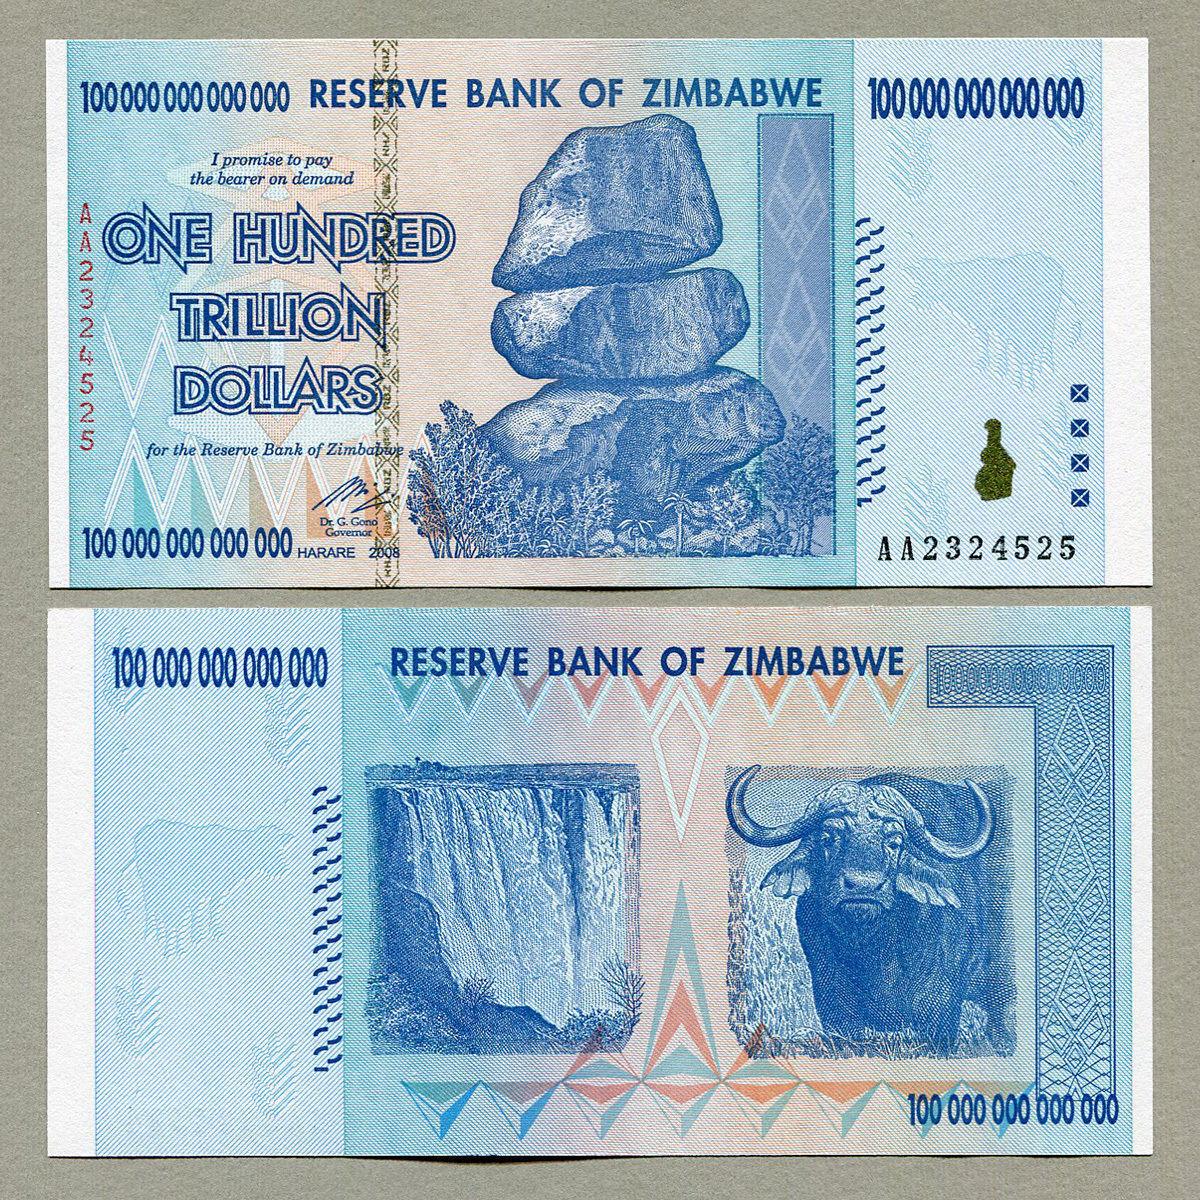 Купить ZIMBABWE 100 TRILLION DOLLARS AA 2008 SERIES P91 UNC AUTHENTIC, UV INSPECTED COA